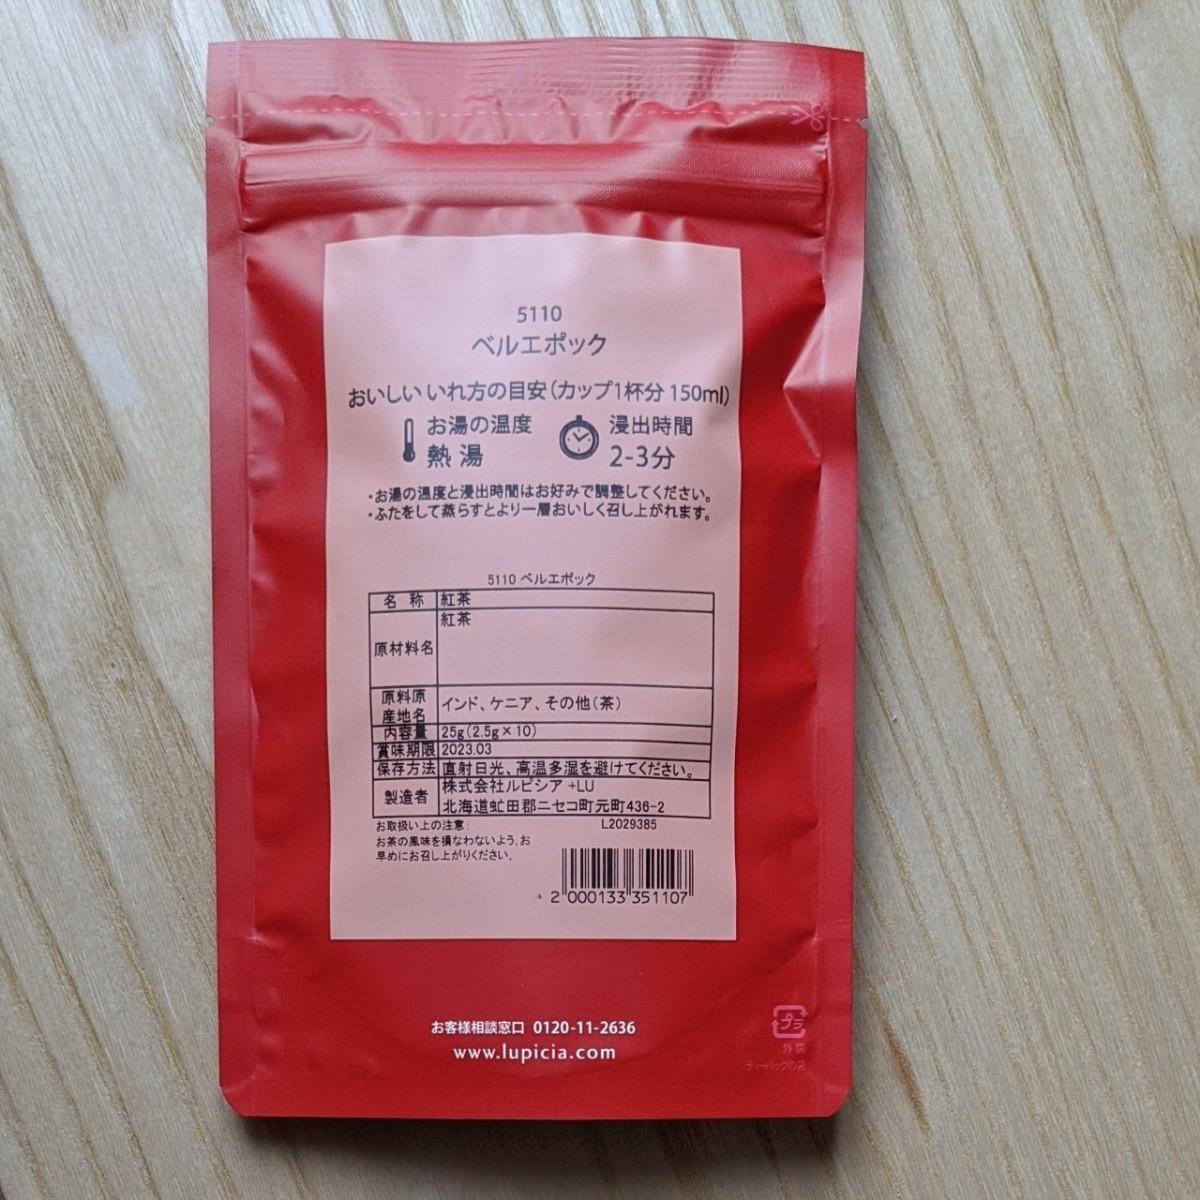 紅茶ティーバッグ LUPICIA ベルエポック